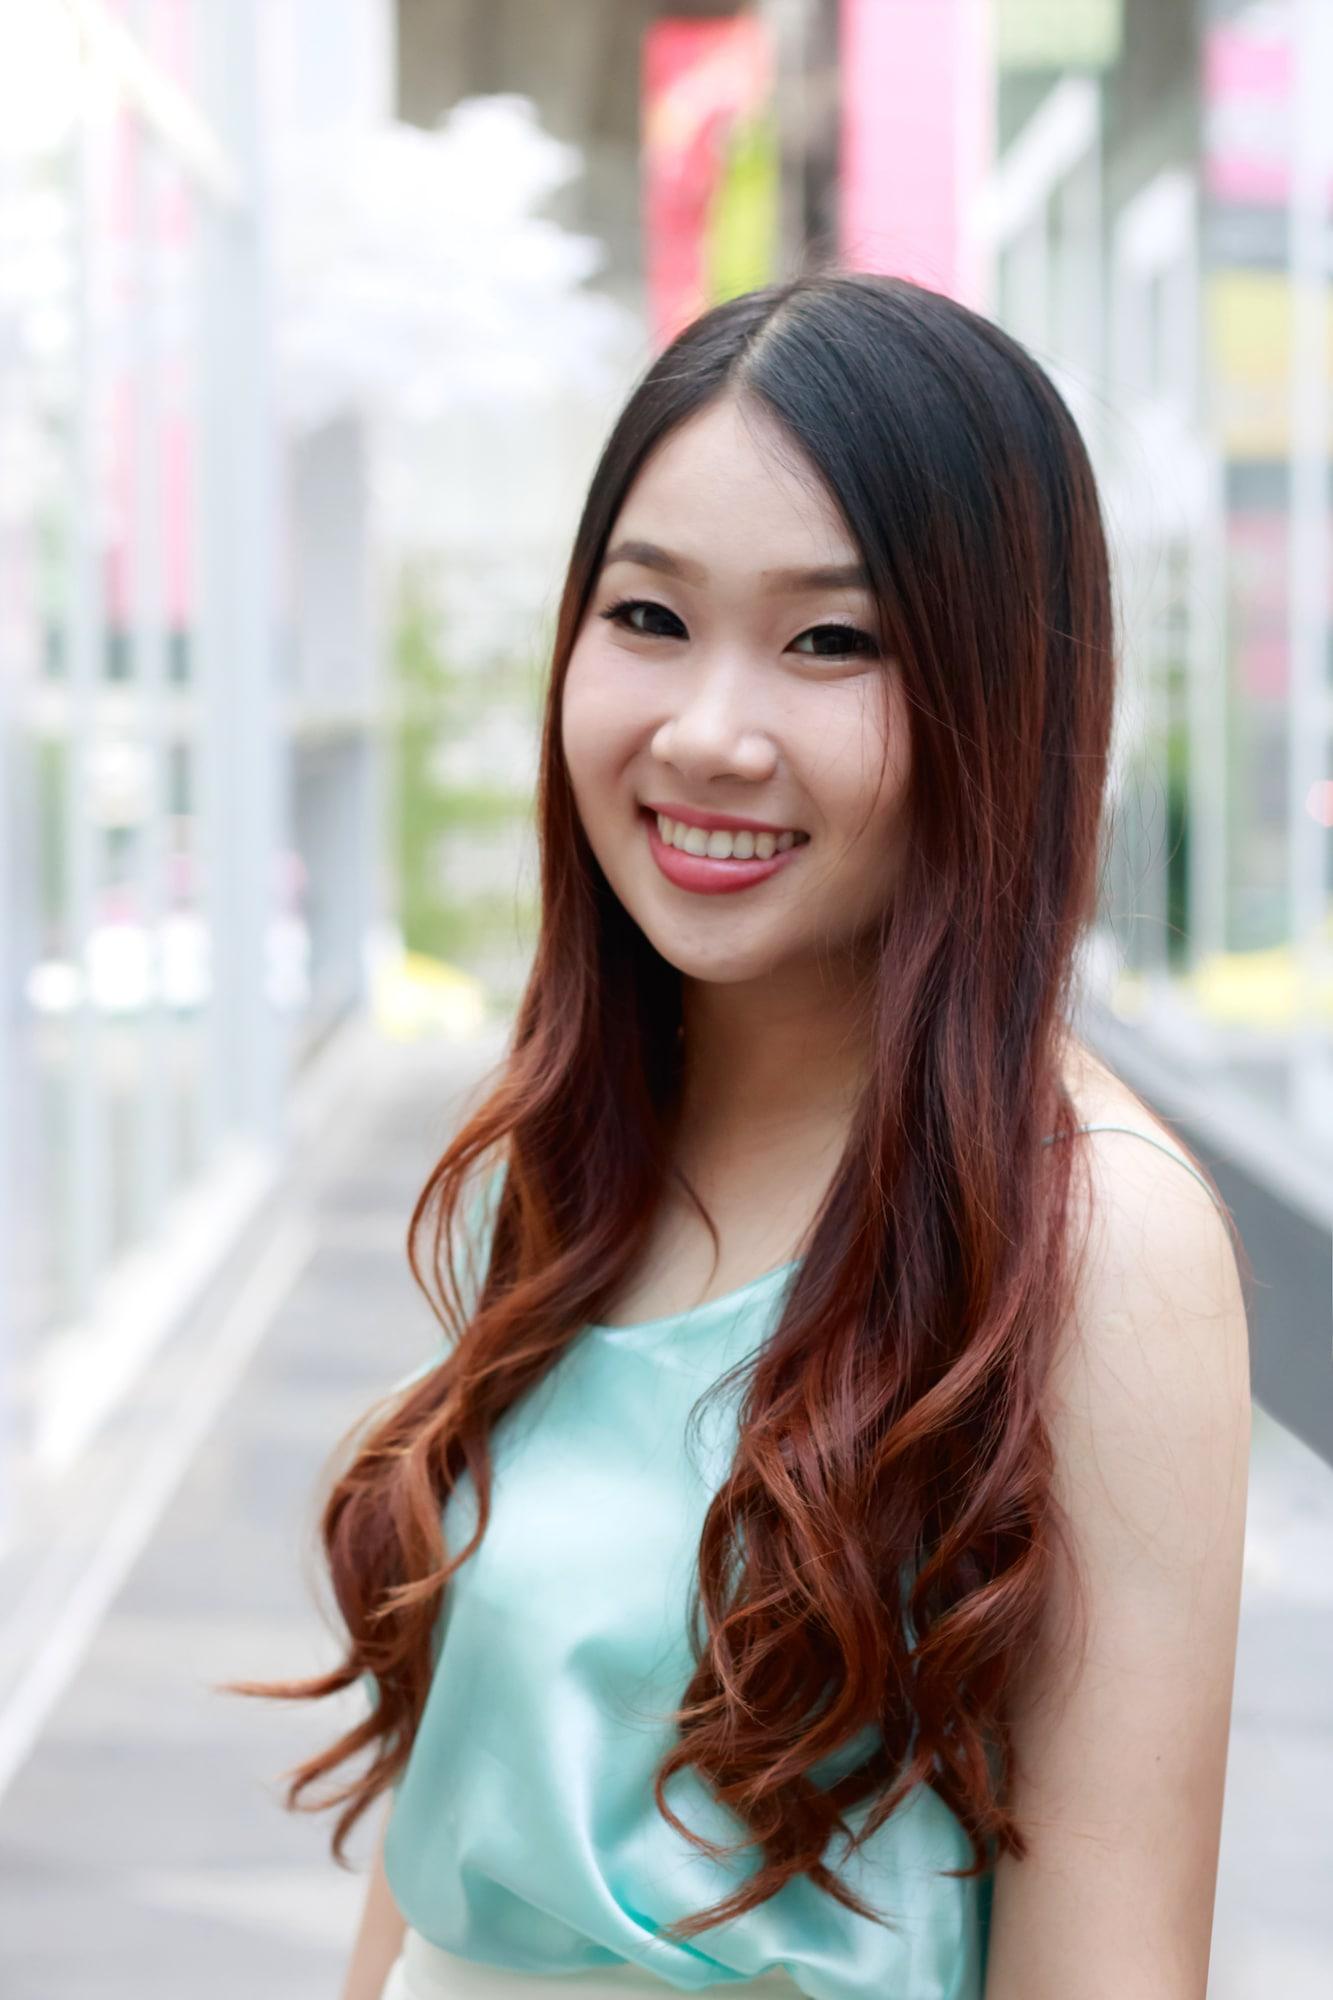 Warna Rambut Yang Bagus Untuk Anak Remaja